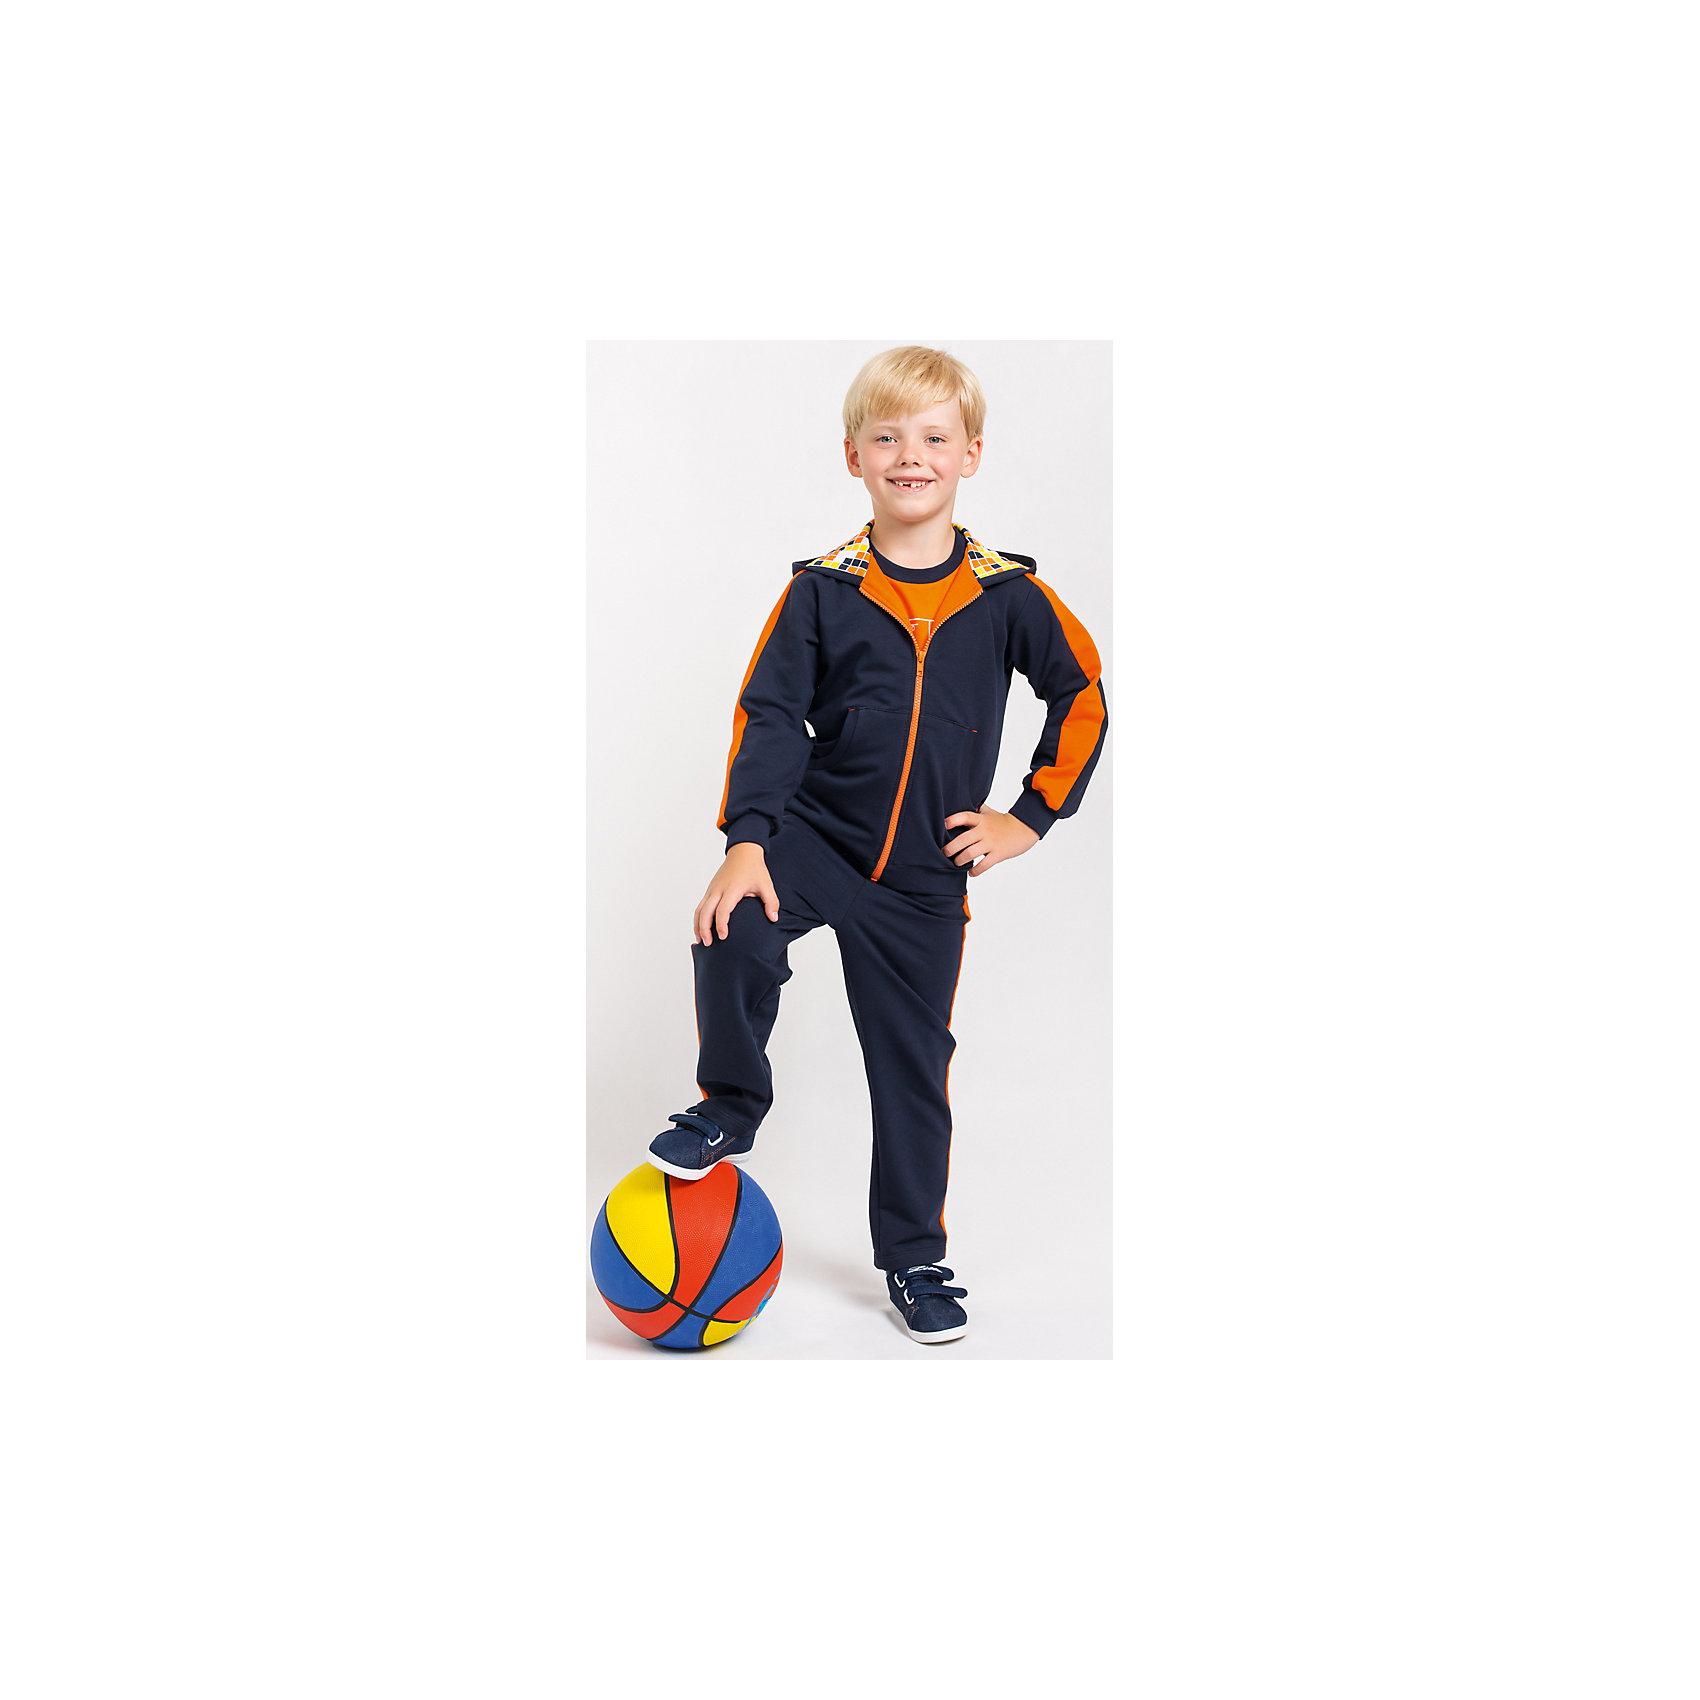 Спортивный костюм для мальчикаСпортивный костюм для мальчика от белорусской марки Goldy. Костюм состоит из толстовки с капюшоном и брюк.<br>Состав:<br>футер компакт пенье (70% хлопок, 26% ПЭ, 4% лайкра)<br><br>Ширина мм: 247<br>Глубина мм: 16<br>Высота мм: 140<br>Вес г: 225<br>Цвет: синий/оранжевый<br>Возраст от месяцев: 60<br>Возраст до месяцев: 72<br>Пол: Мужской<br>Возраст: Детский<br>Размер: 116,110,104,98,128,122<br>SKU: 4921181